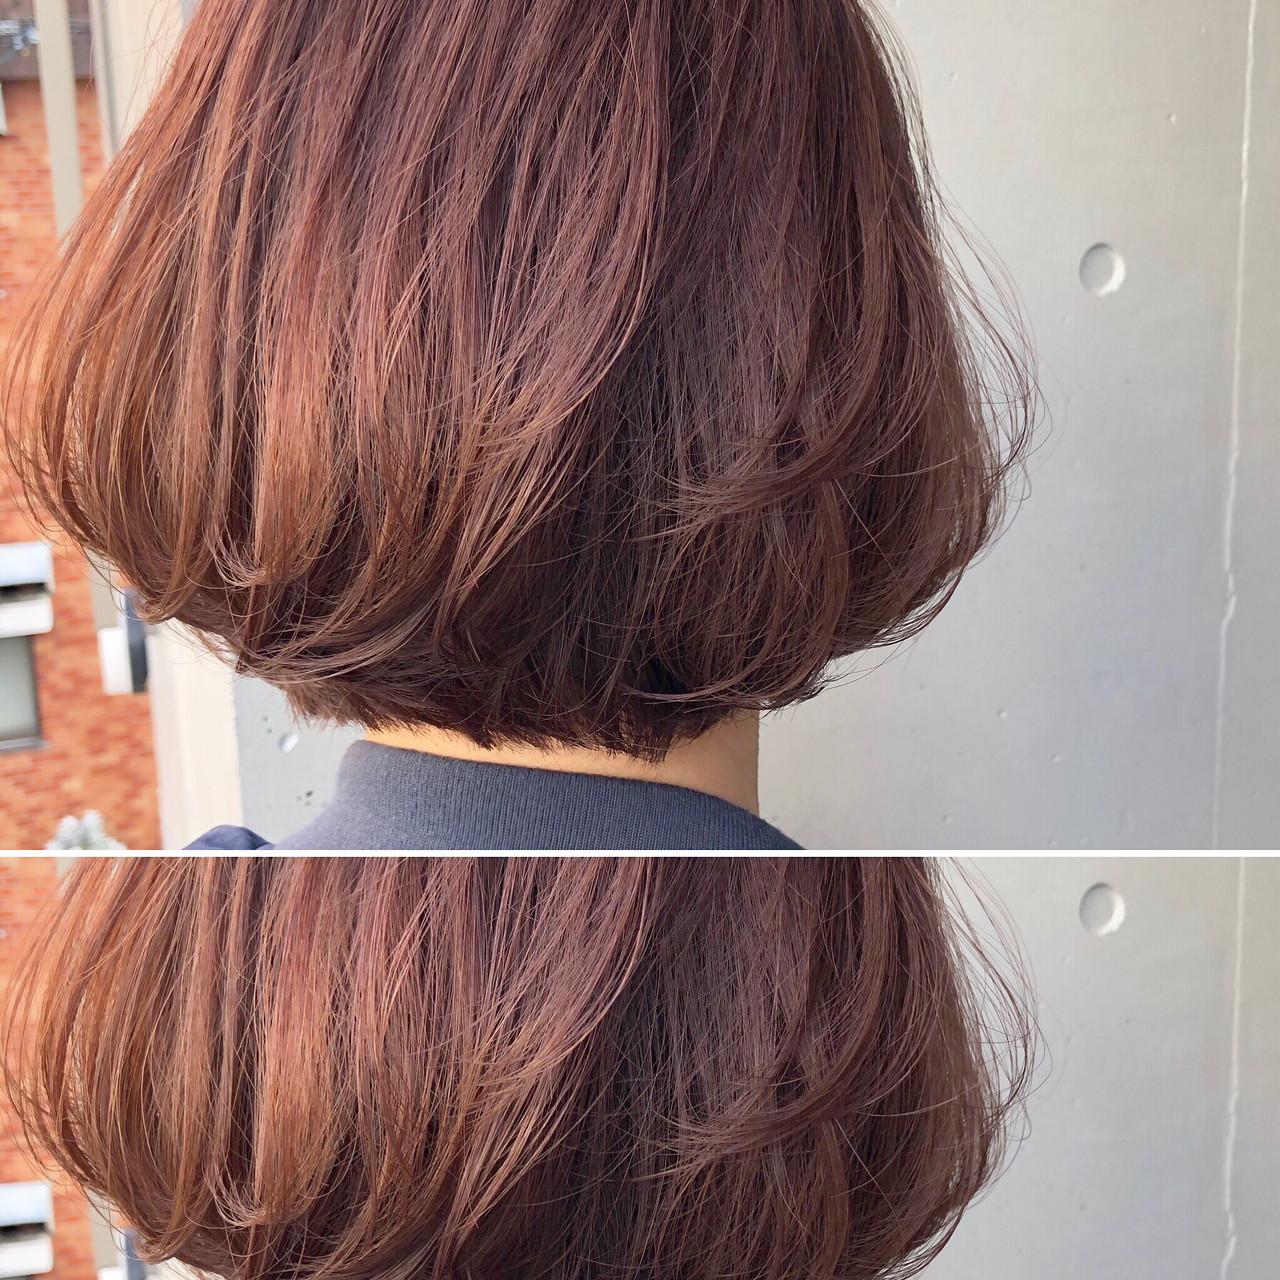 大人女子 ピンクアッシュ ボブ ベージュ ヘアスタイルや髪型の写真・画像